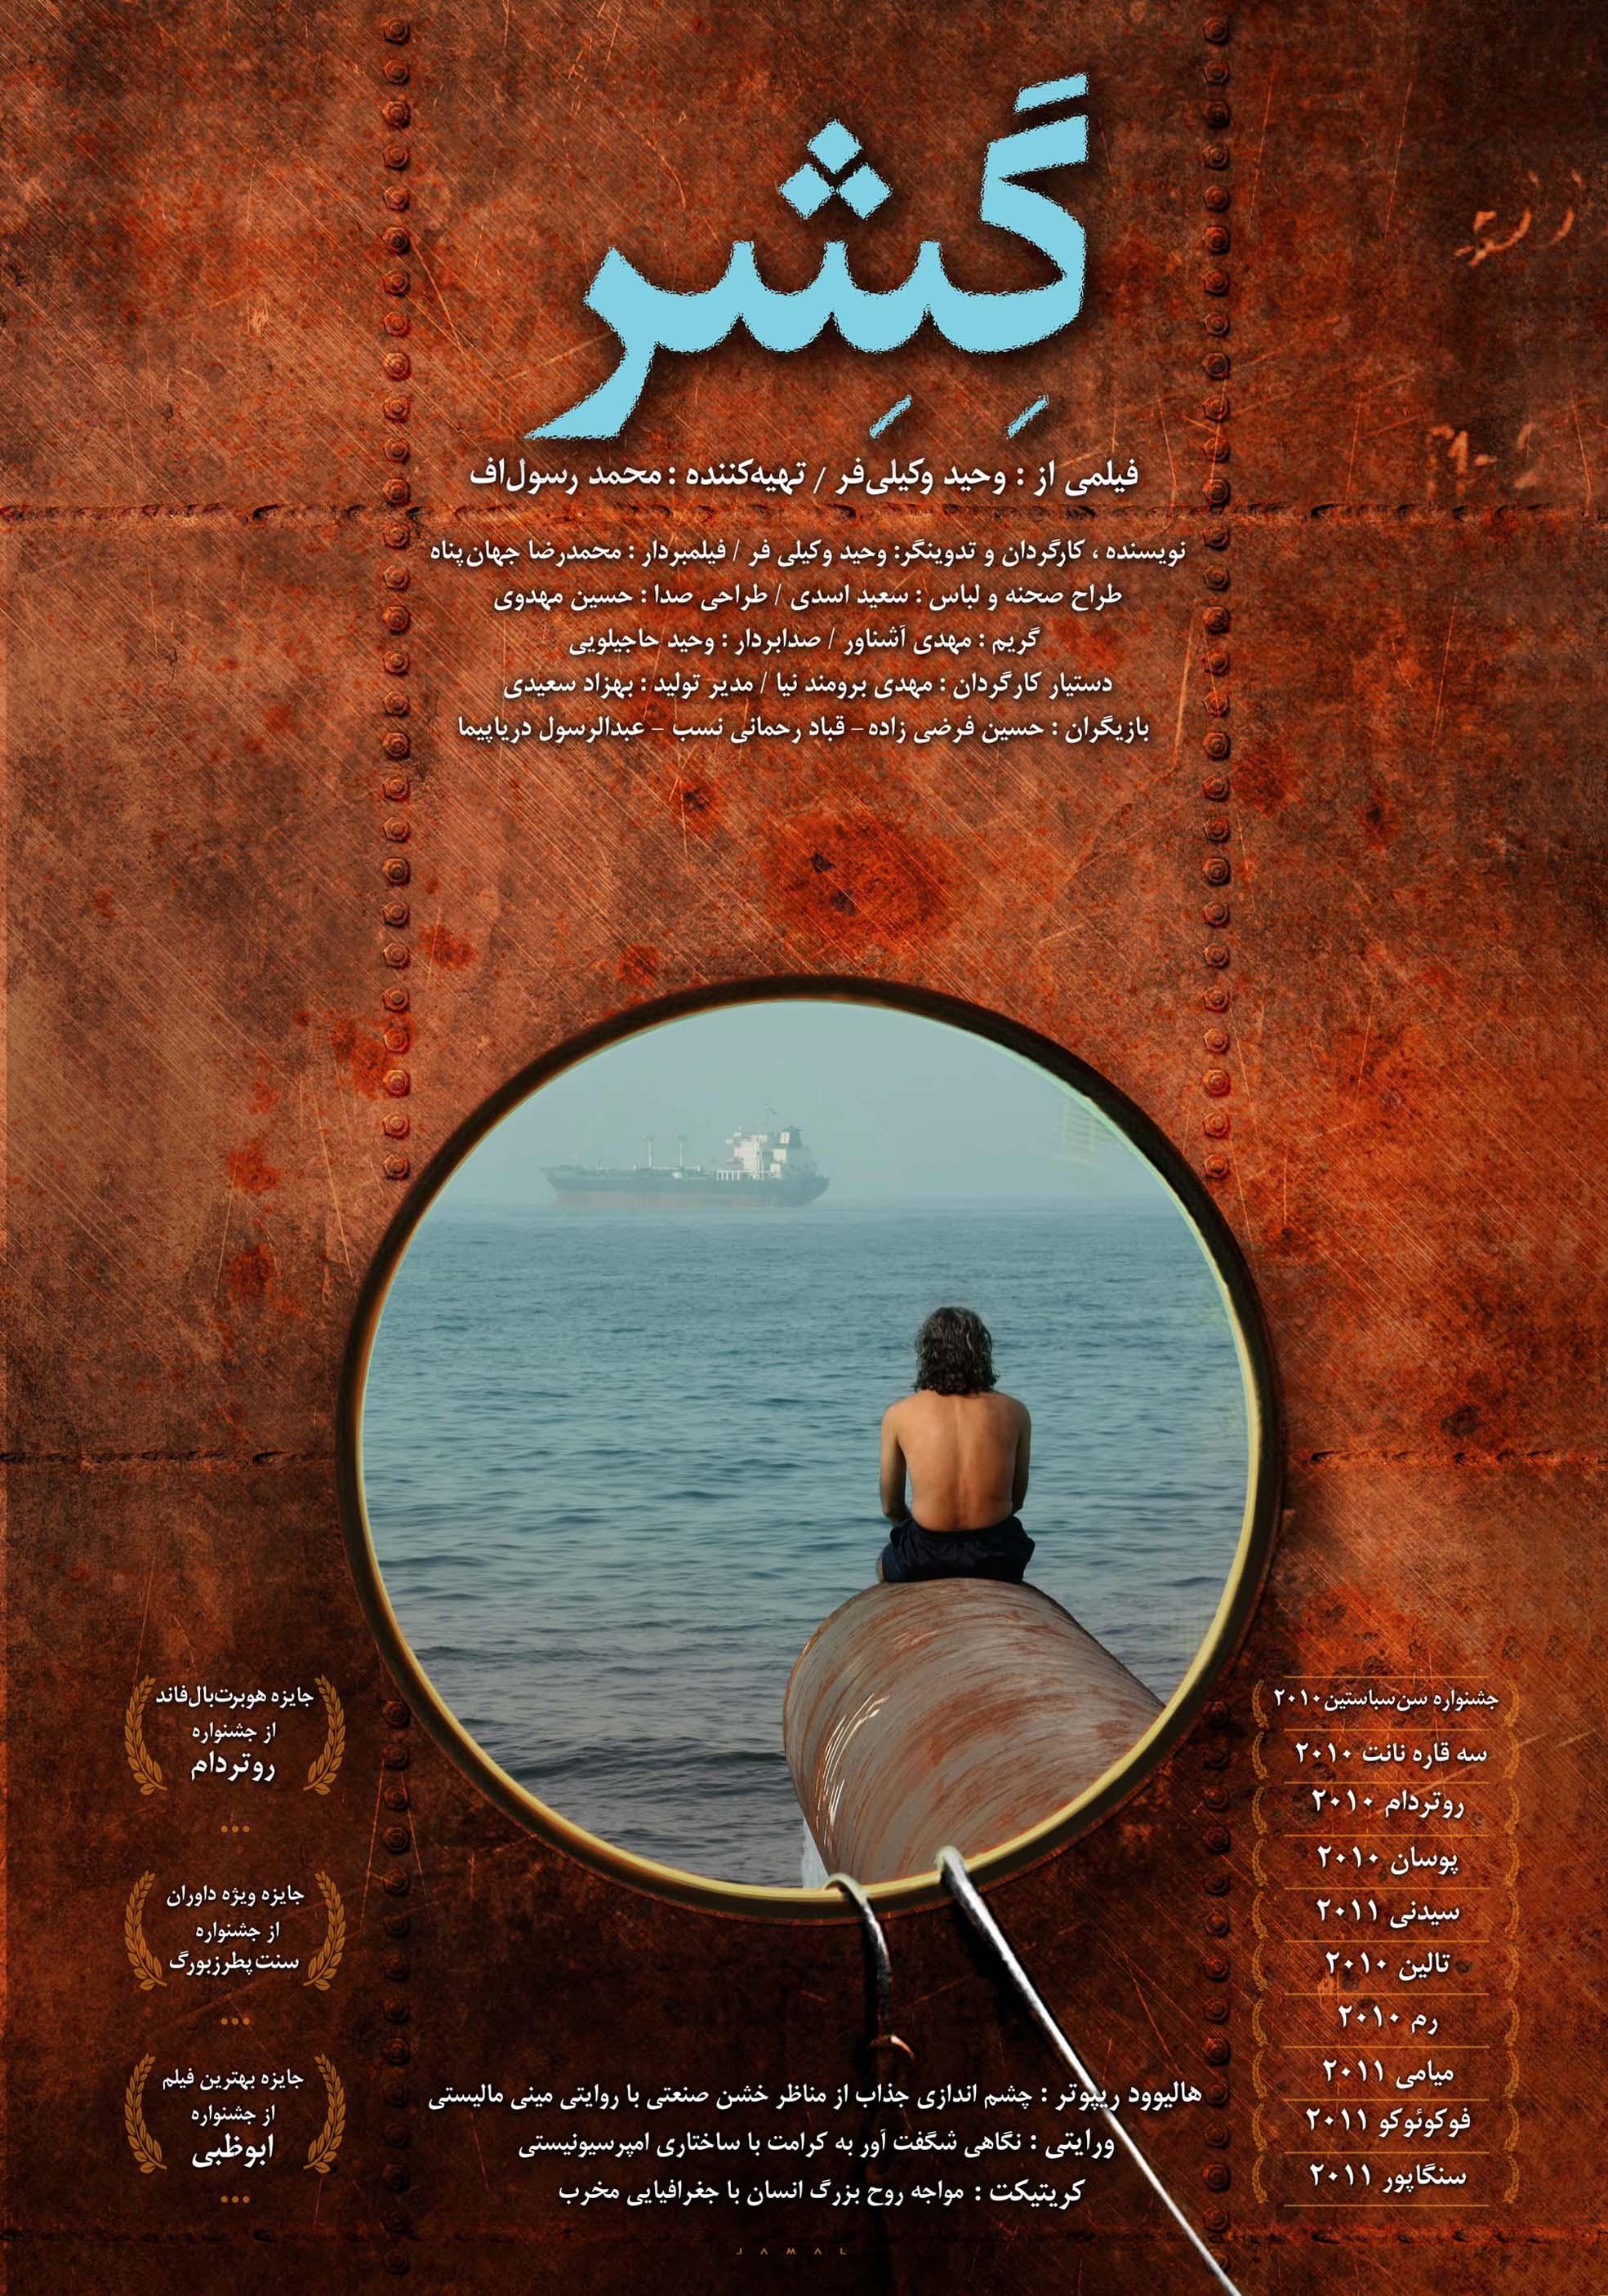 پوستر «گِشِر» برای هنر و تجربه رونمایی شد